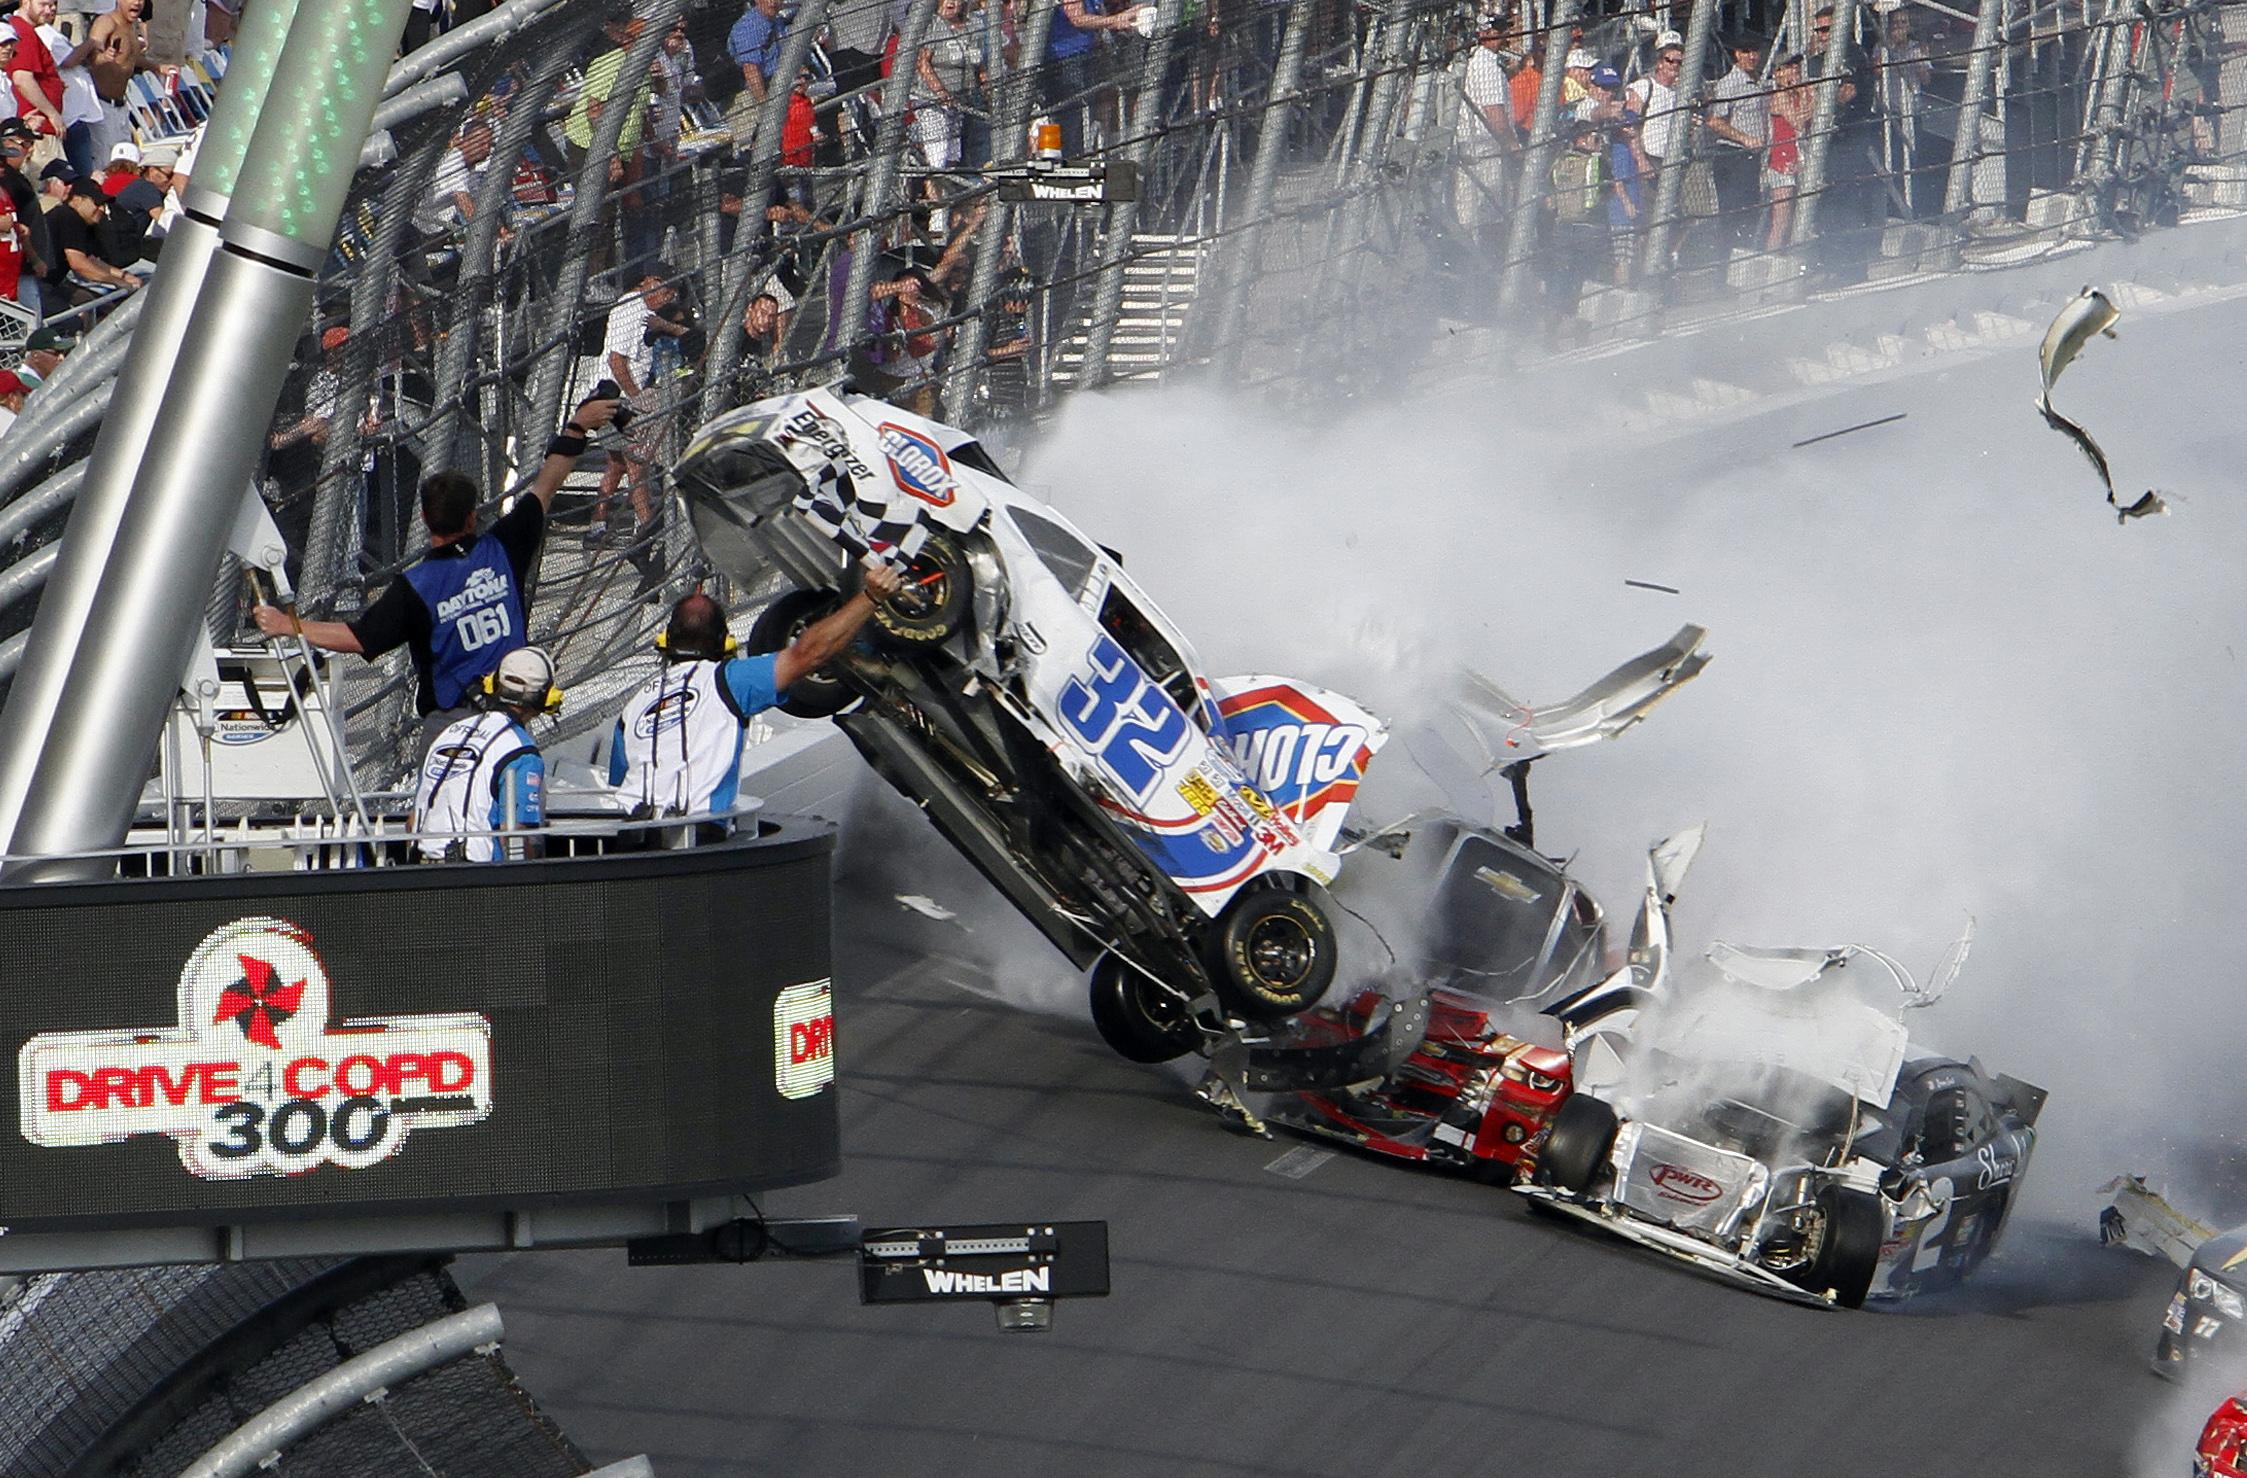 Во время гонки NASCAR в Дайтоне произошла масштабная авария